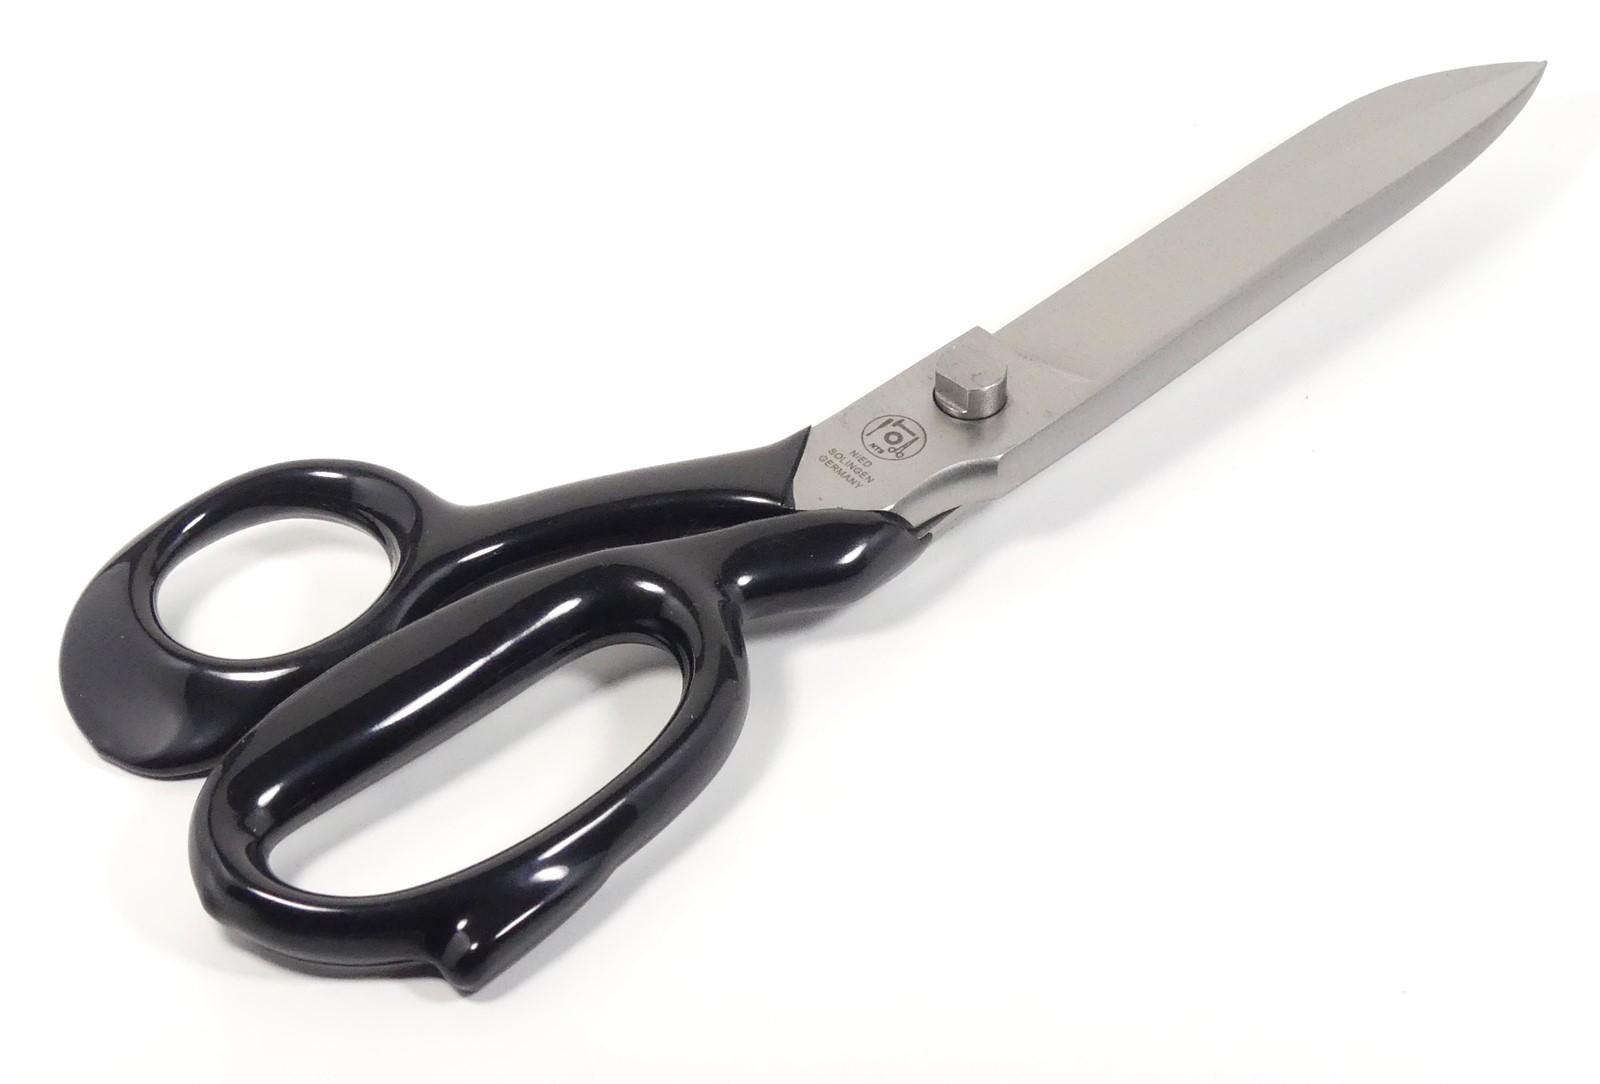 NTS Schneiderschere Stoffschere für Linkshänder 25 cm